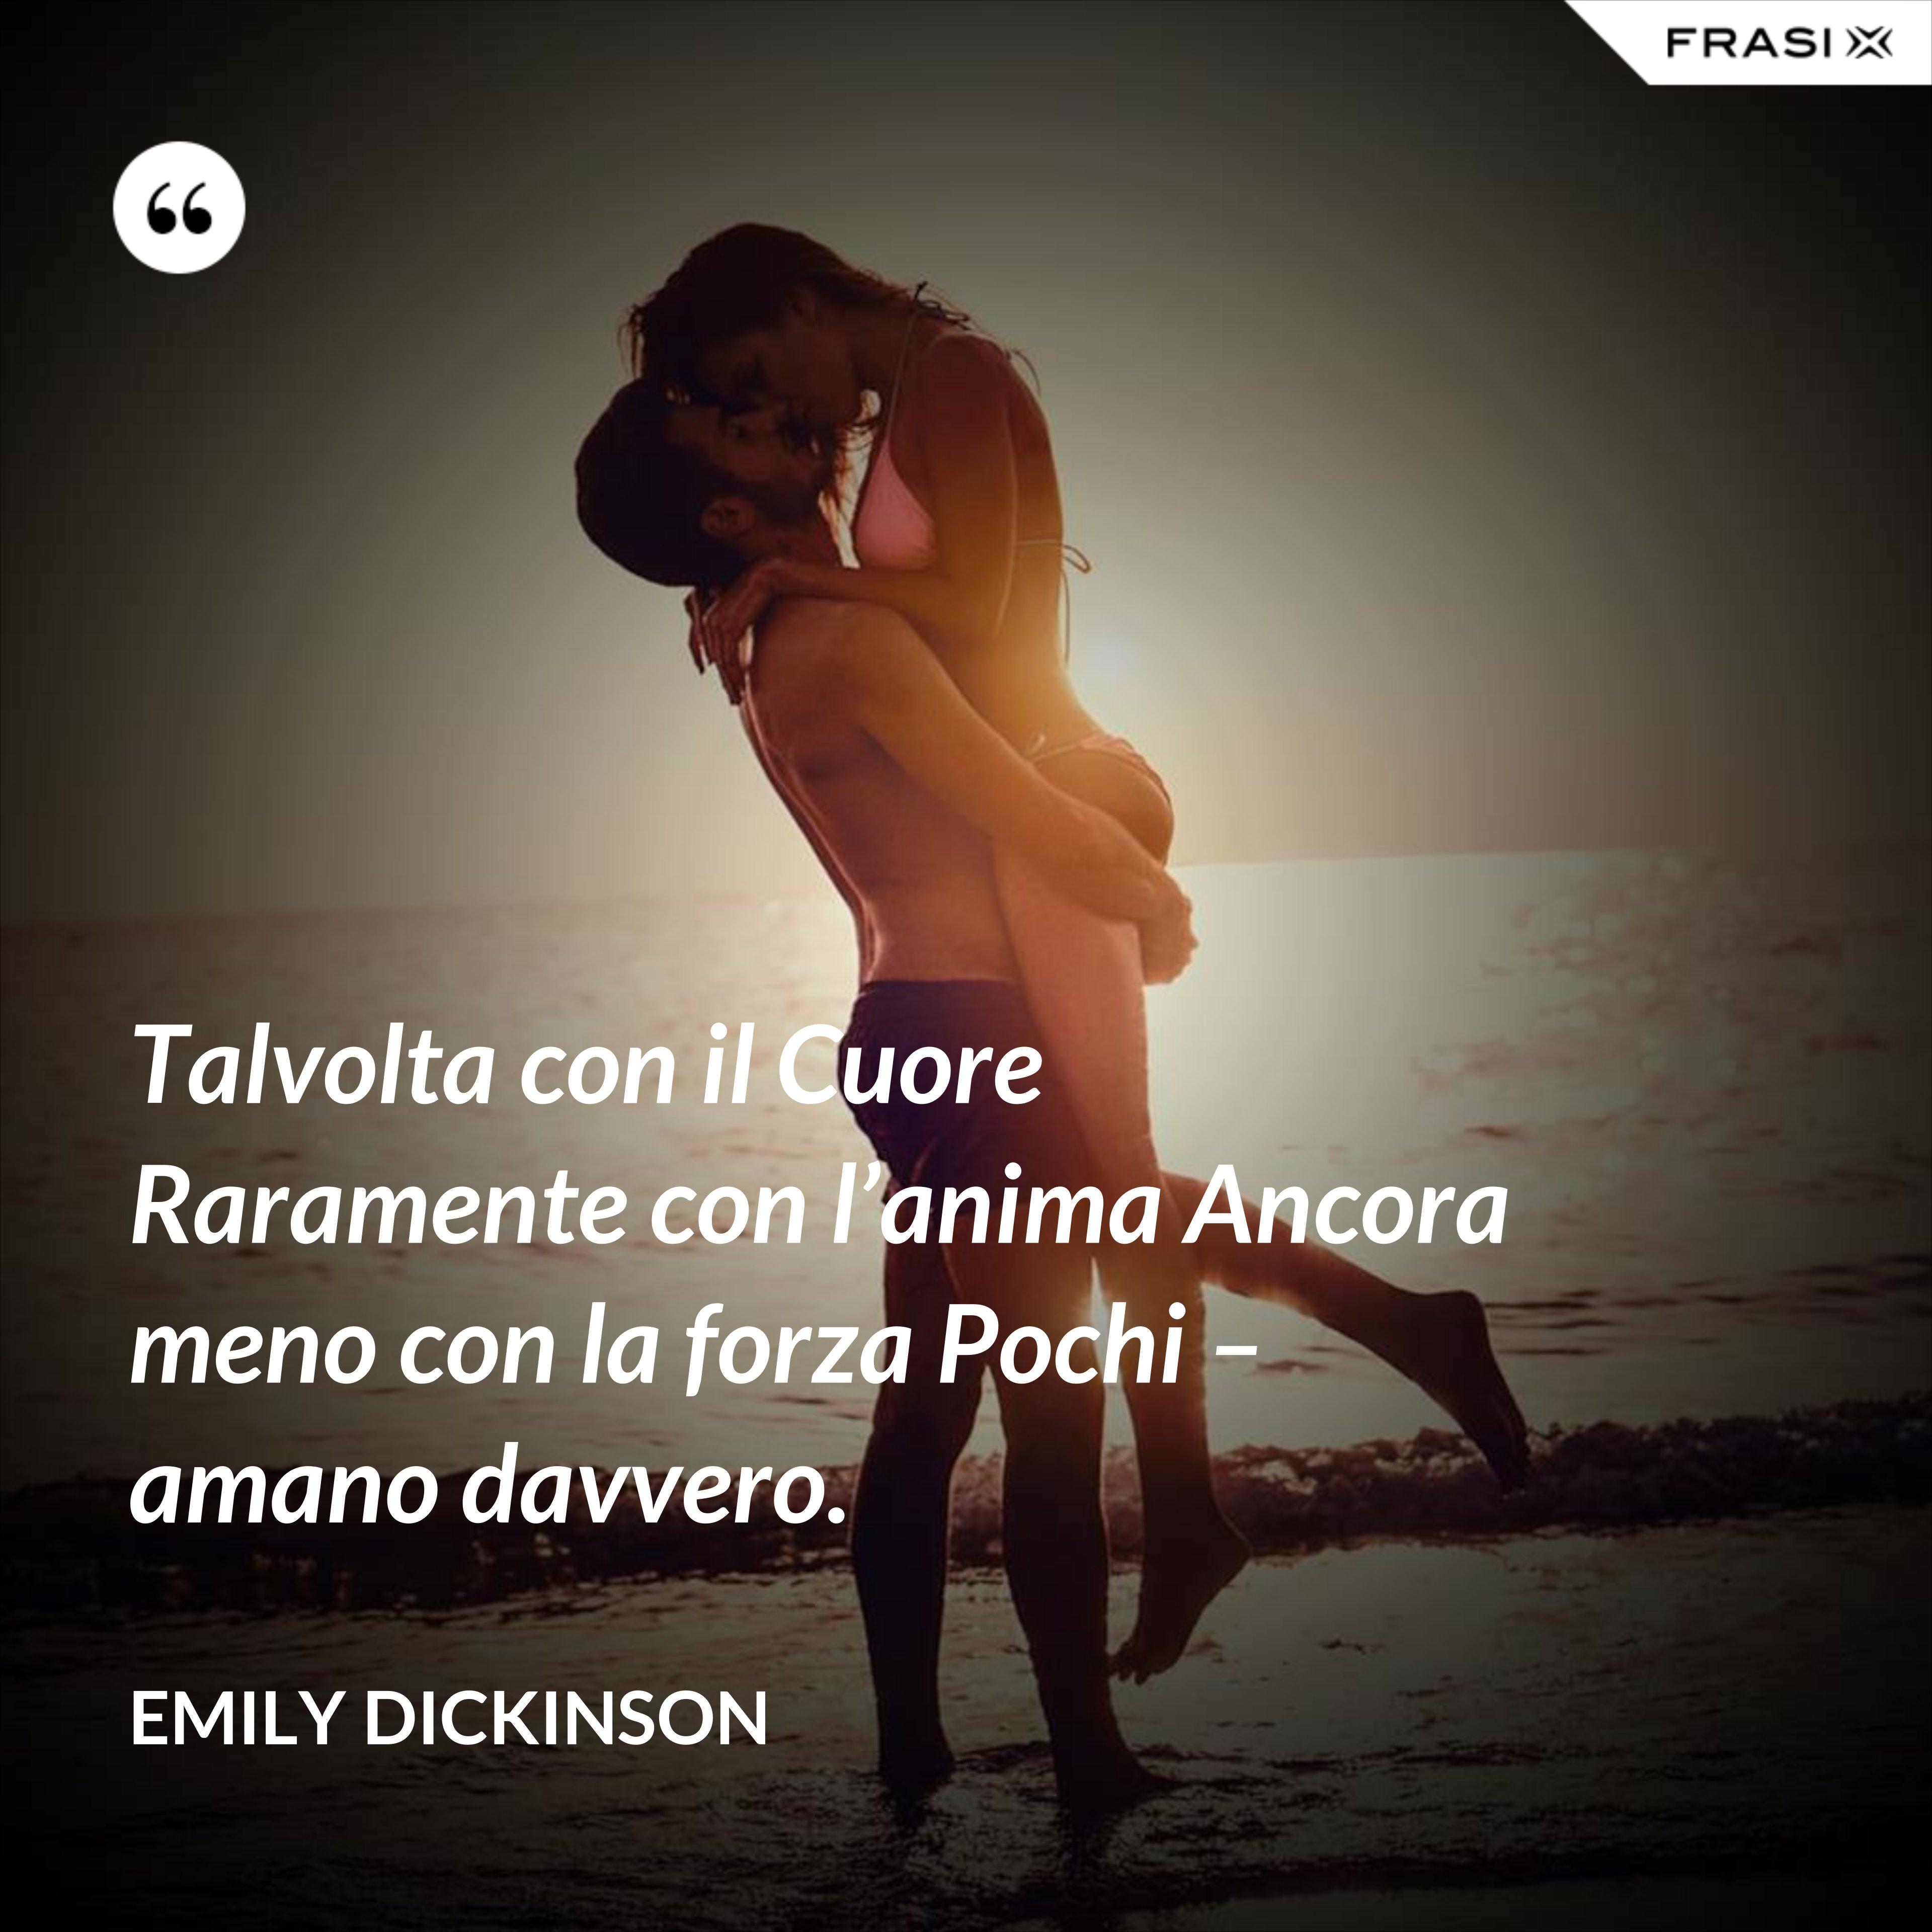 Talvolta con il Cuore Raramente con l'anima Ancora meno con la forza Pochi – amano davvero. - Emily Dickinson